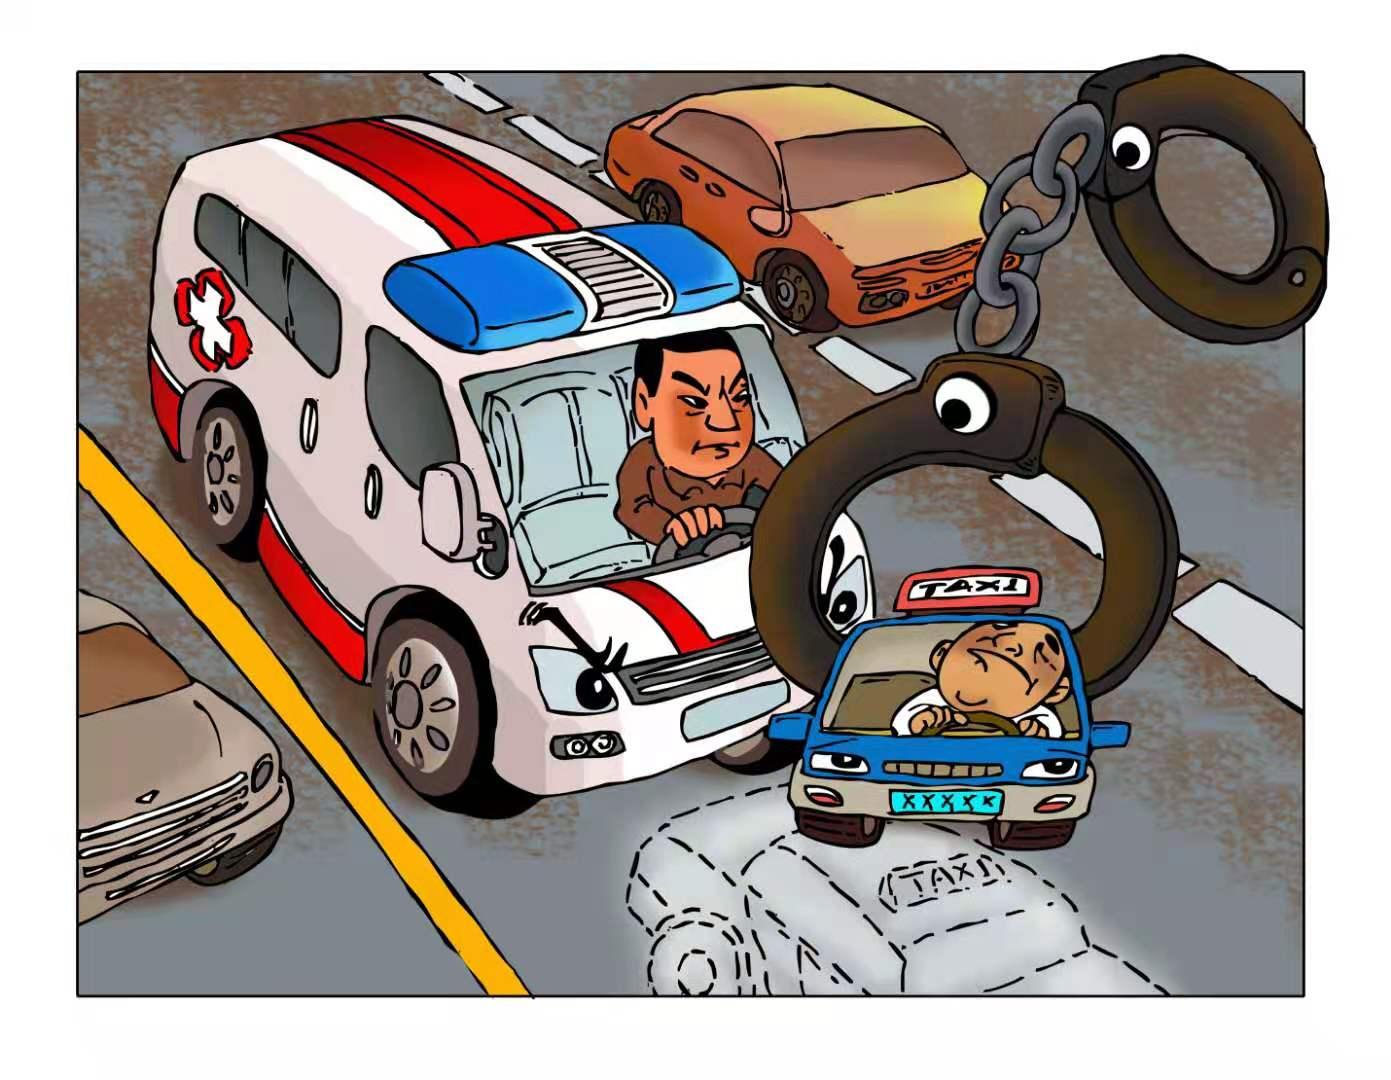 漫·议 | 拒不为救援车辆让行被拘留,冤吗?